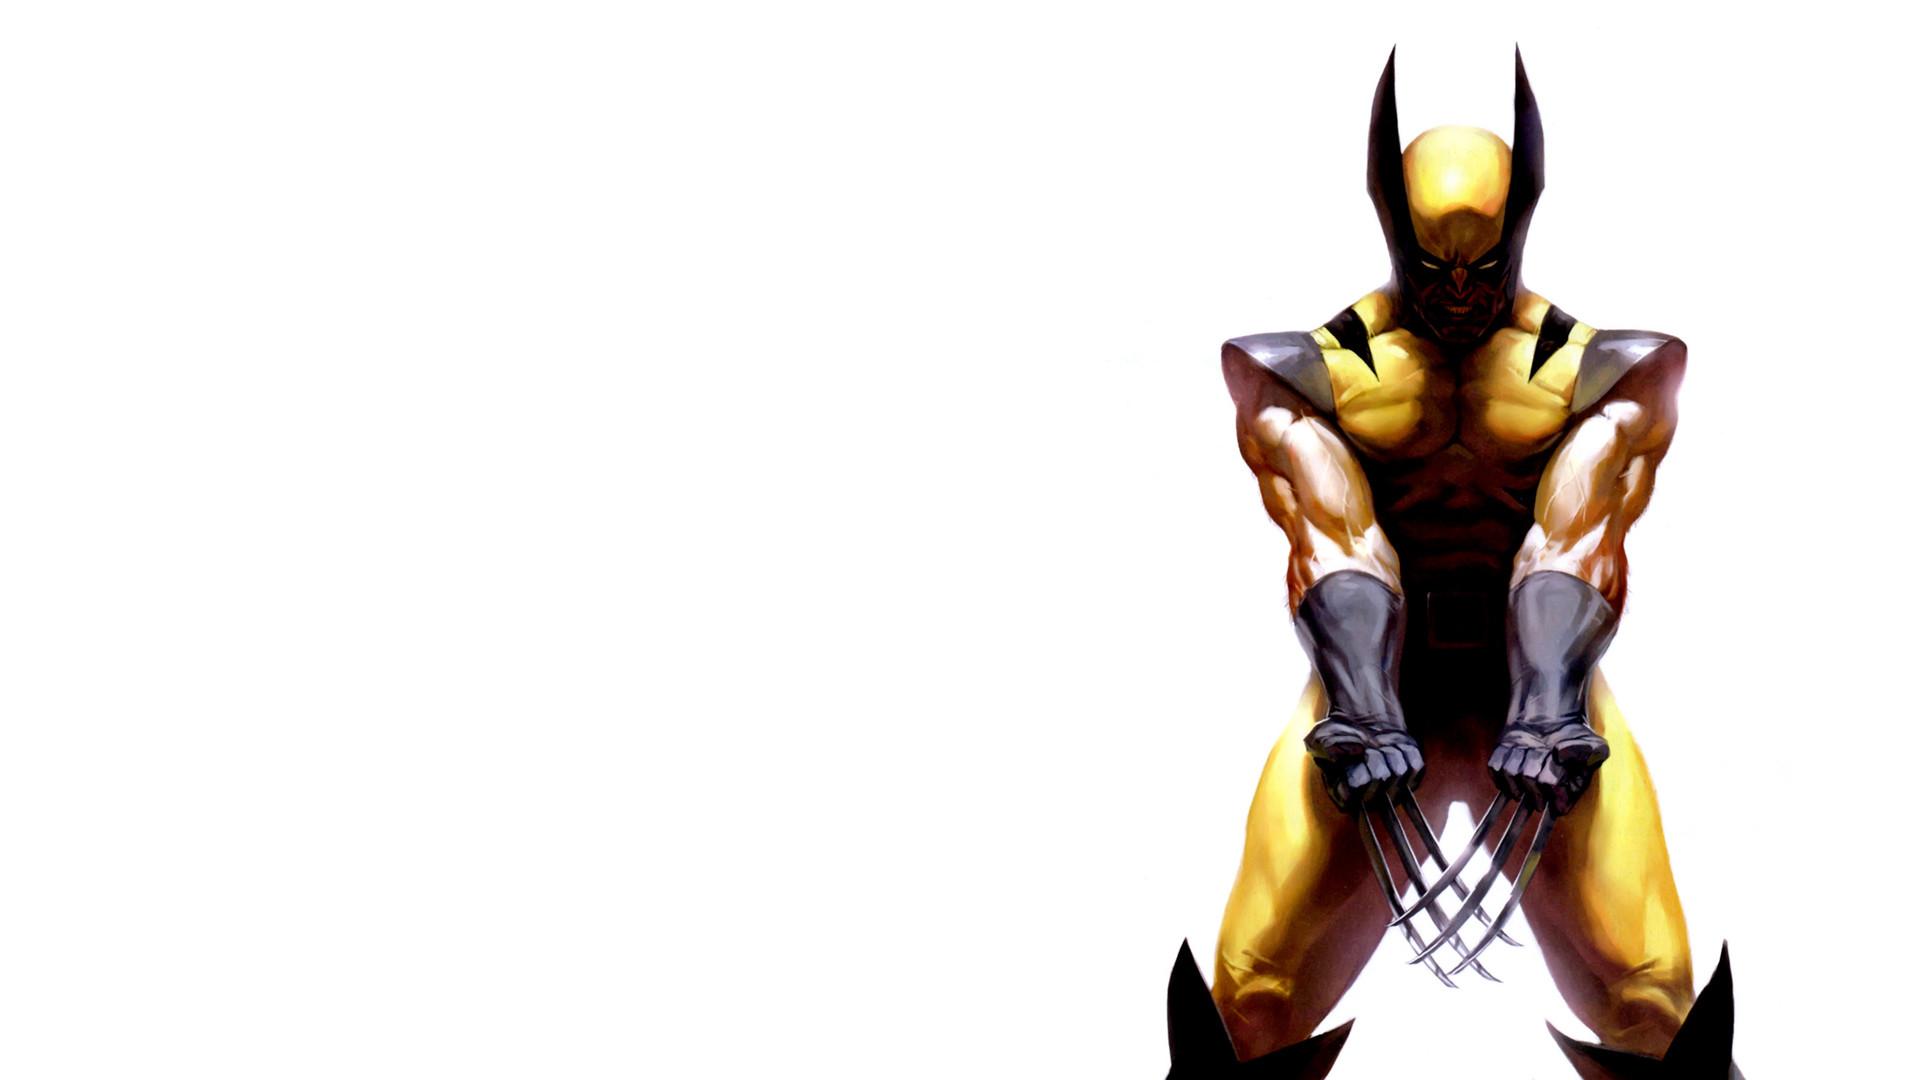 Best Wallpaper High Resolution Wolverine - 427745  Best Photo Reference_434617.jpg